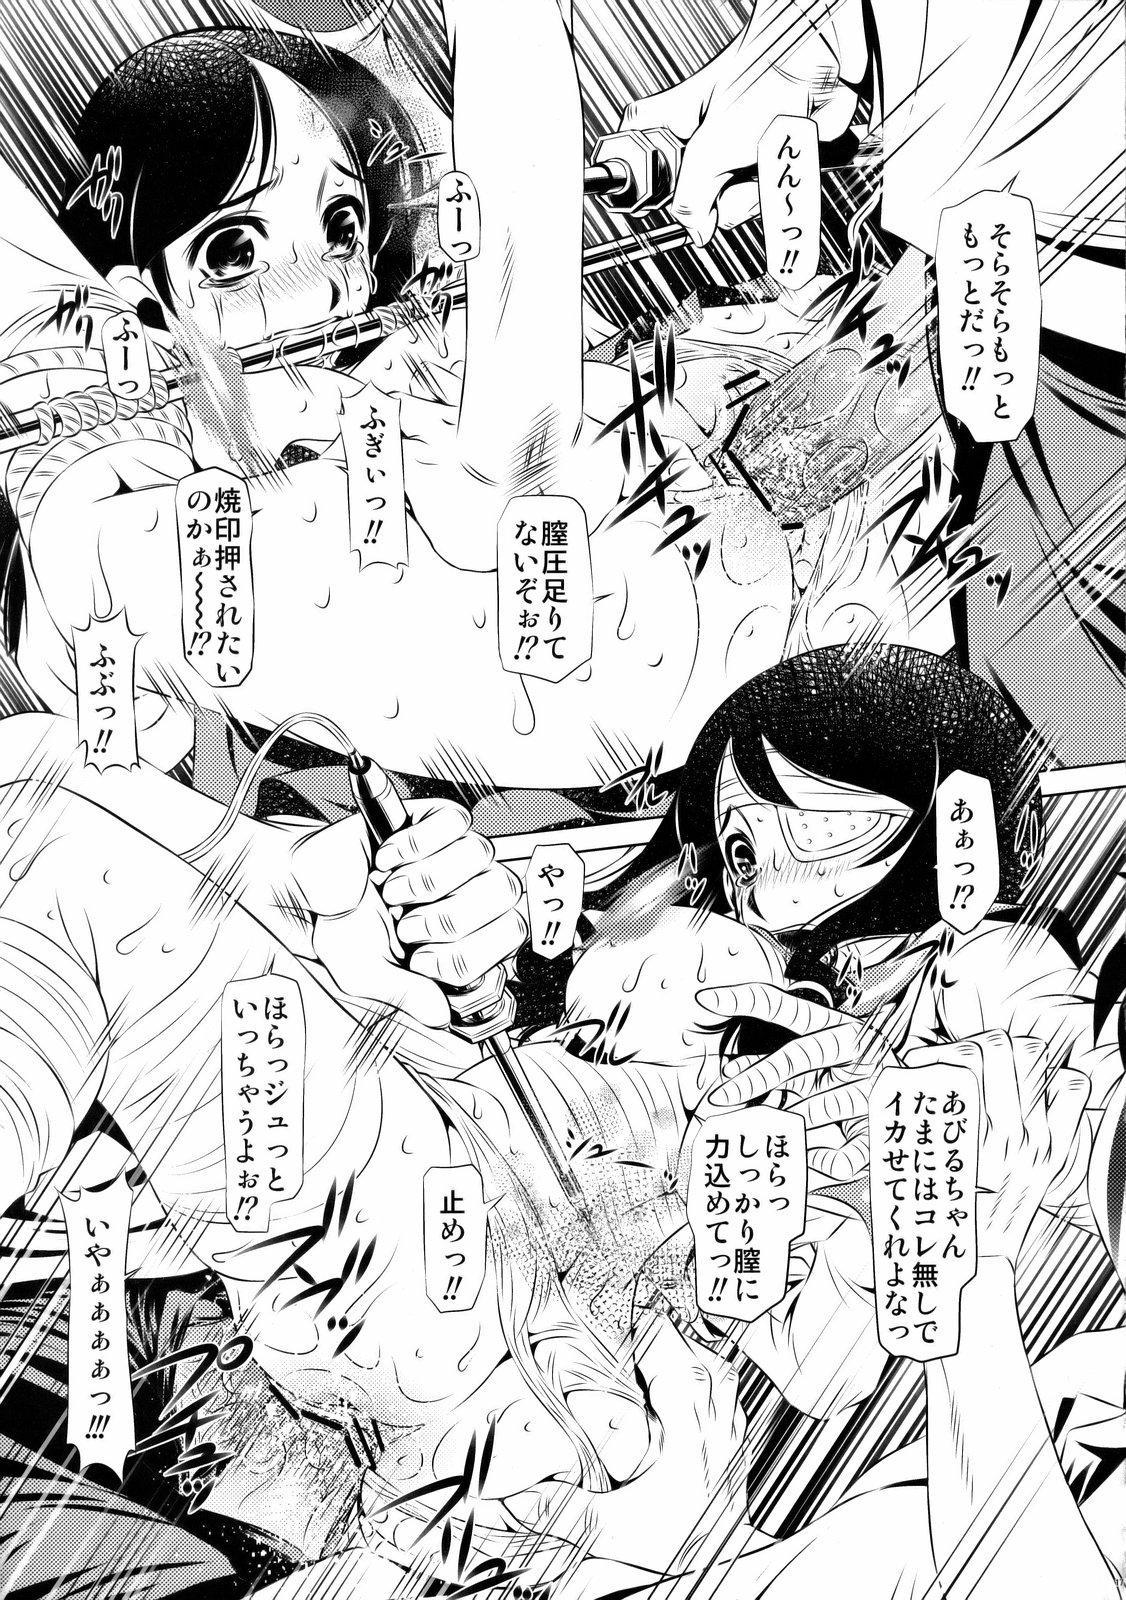 Sayonara Zetsubou Seito 15